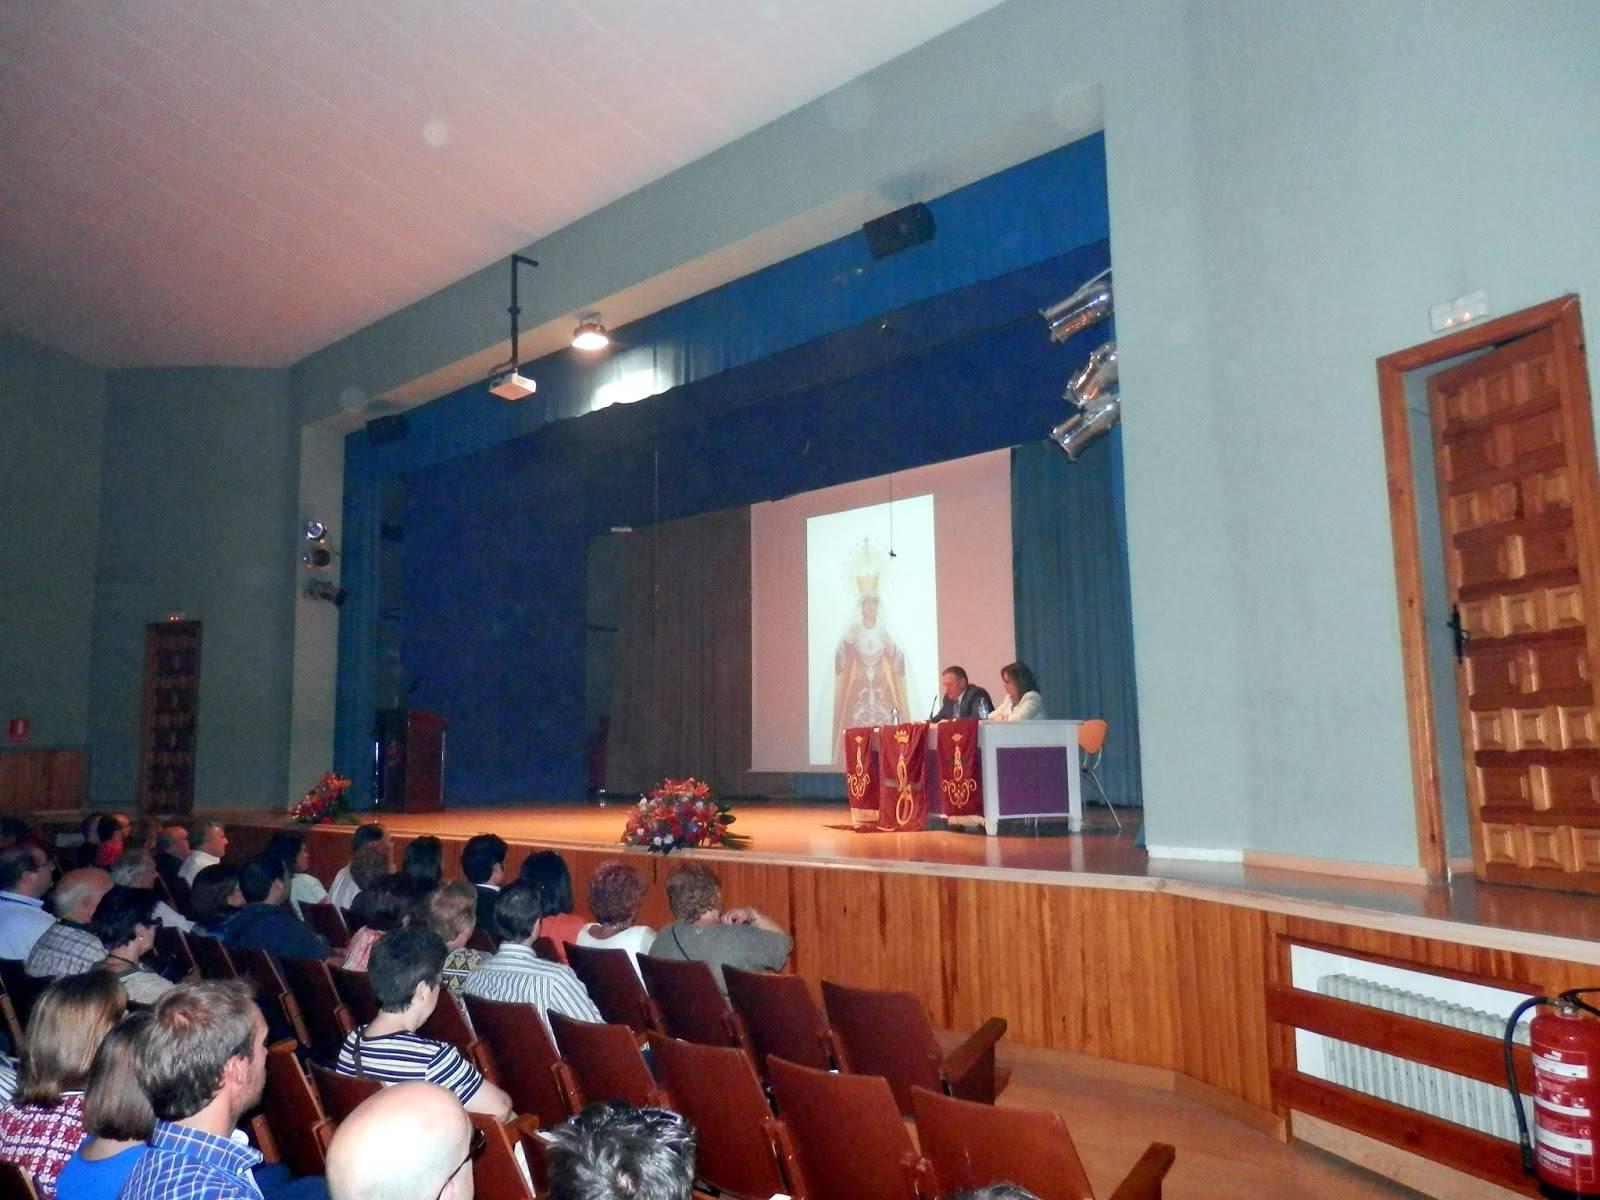 III Encuentro de Cofrad%C3%ADas de Jes%C3%BAs de Medinaceli1 - Celebrado el III  Encuentro Regional de cofradías de Jesús de Medinaceli